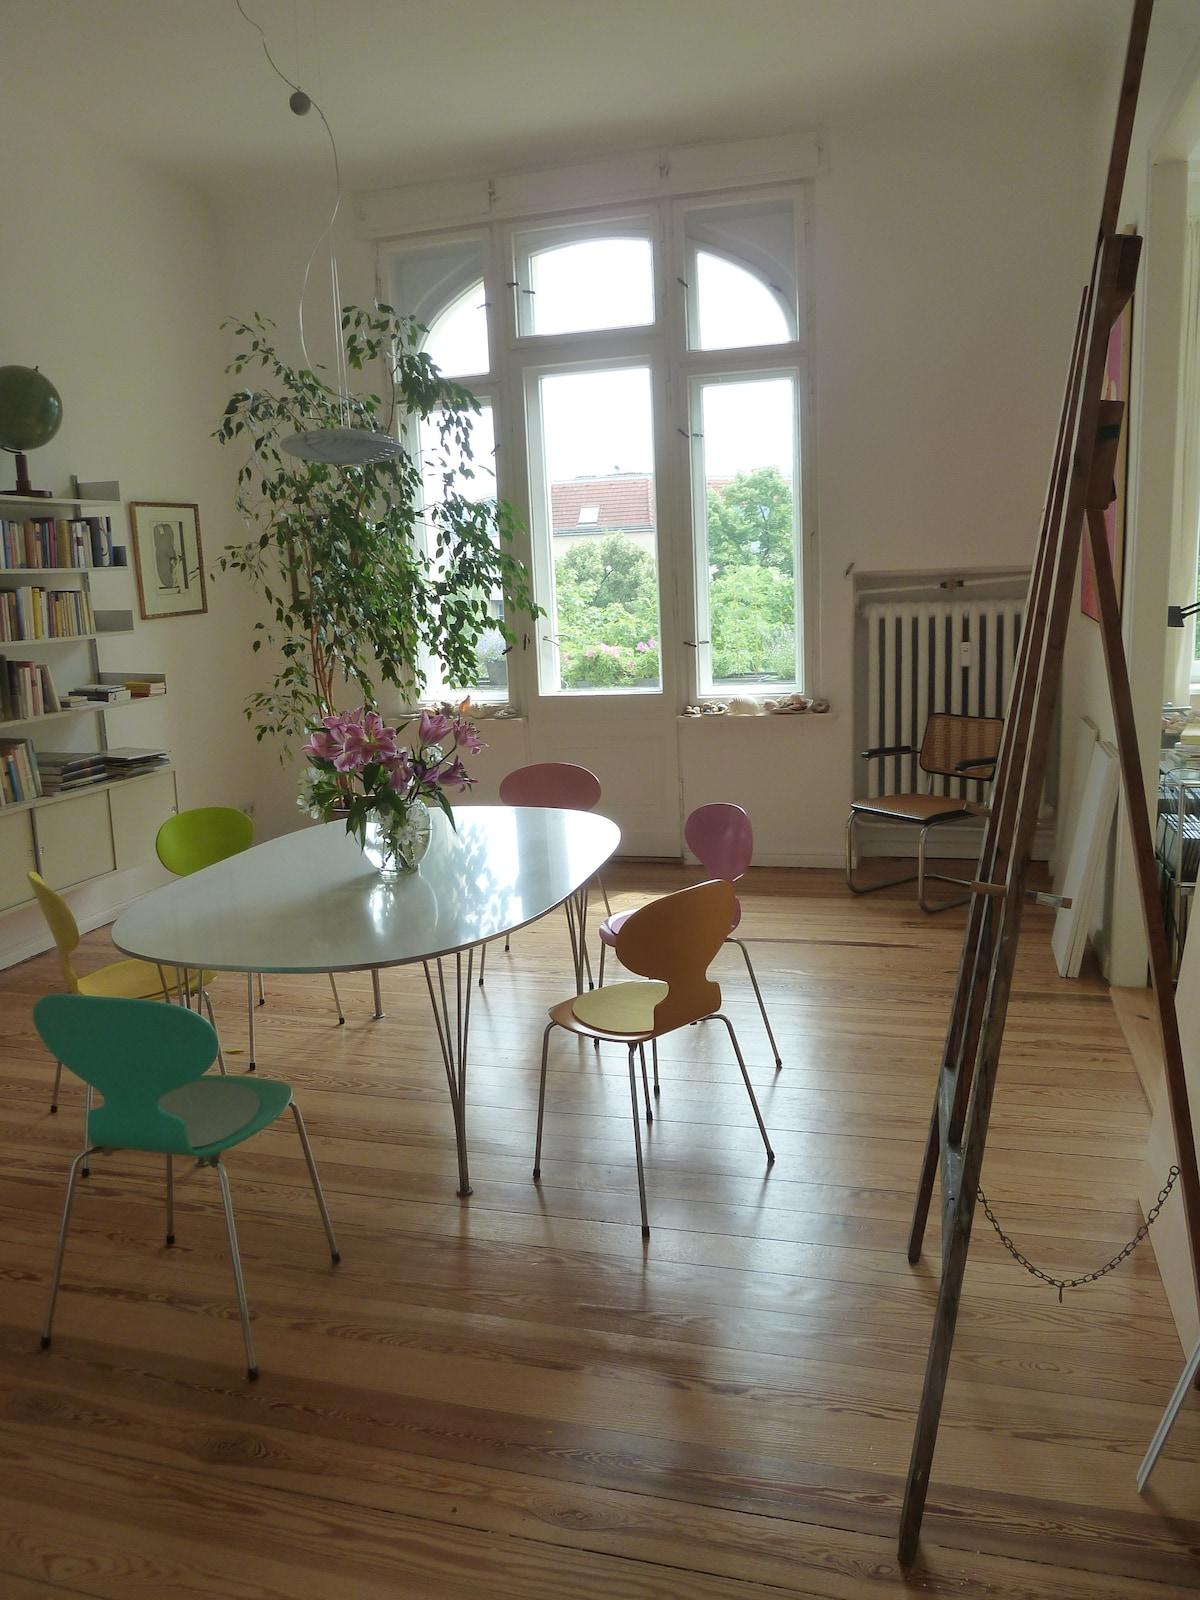 Designerwohnung-sonnig-groß-zentral